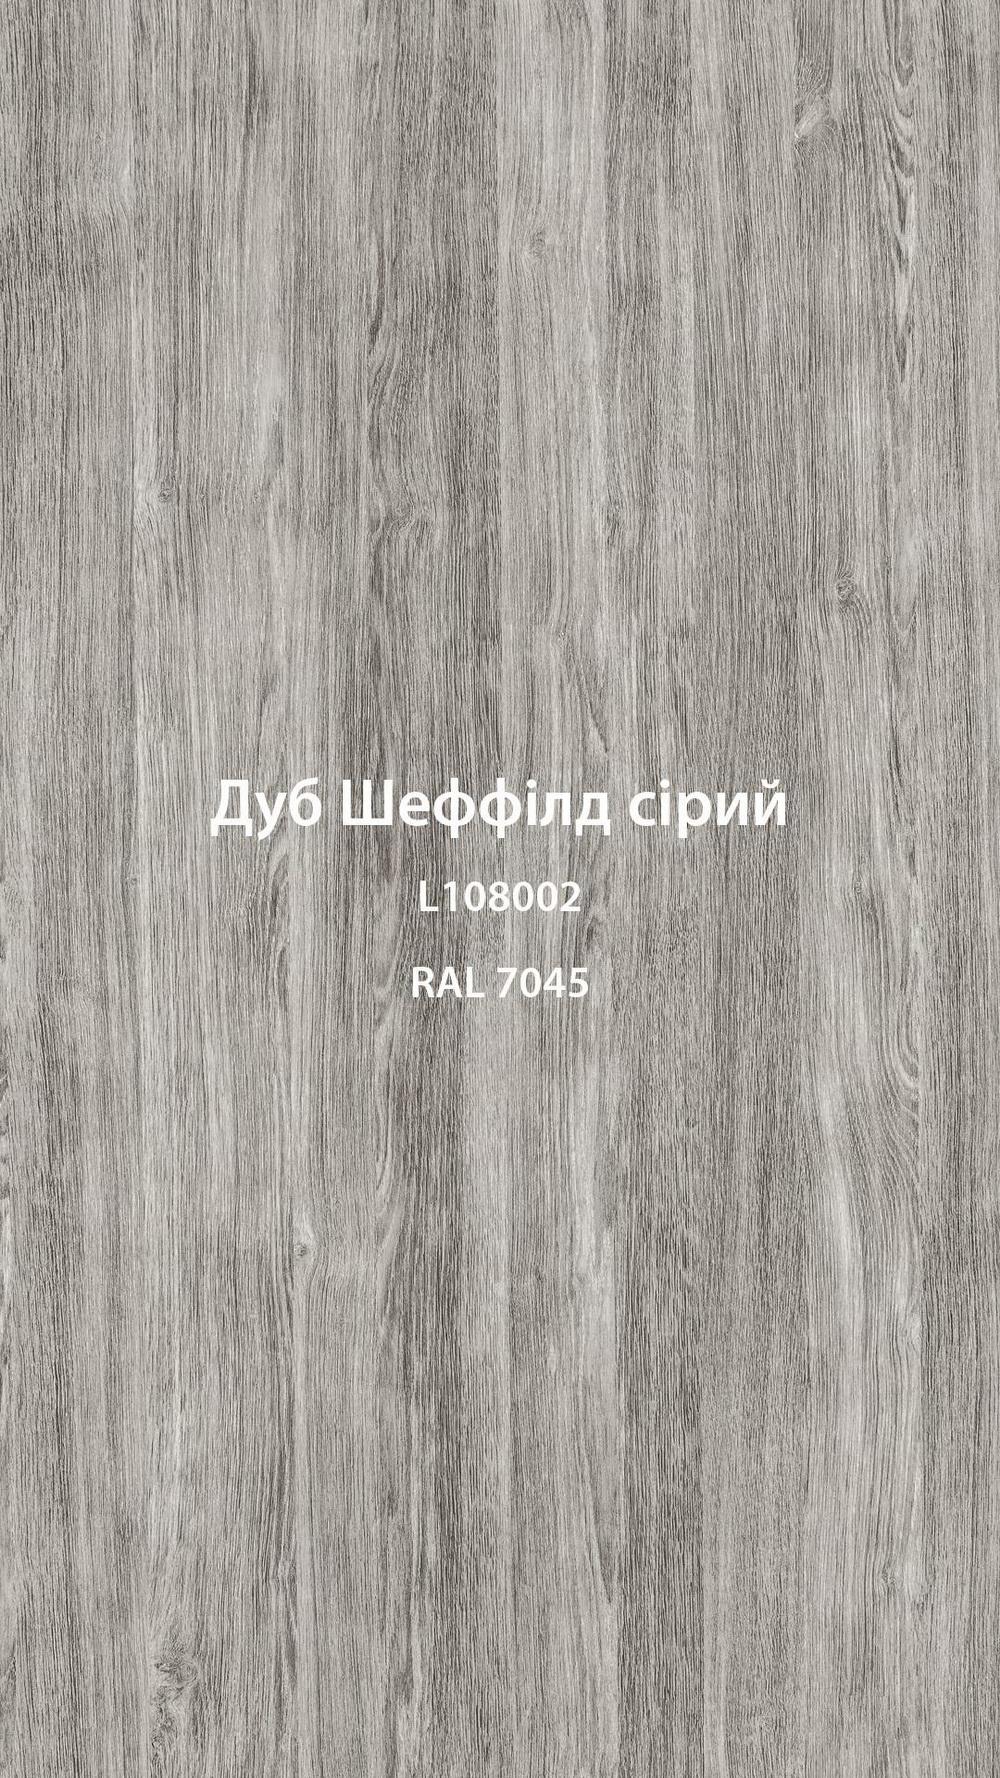 Дуб Шеффілд сірий - колір ламінації профілів заводу EKIPAZH